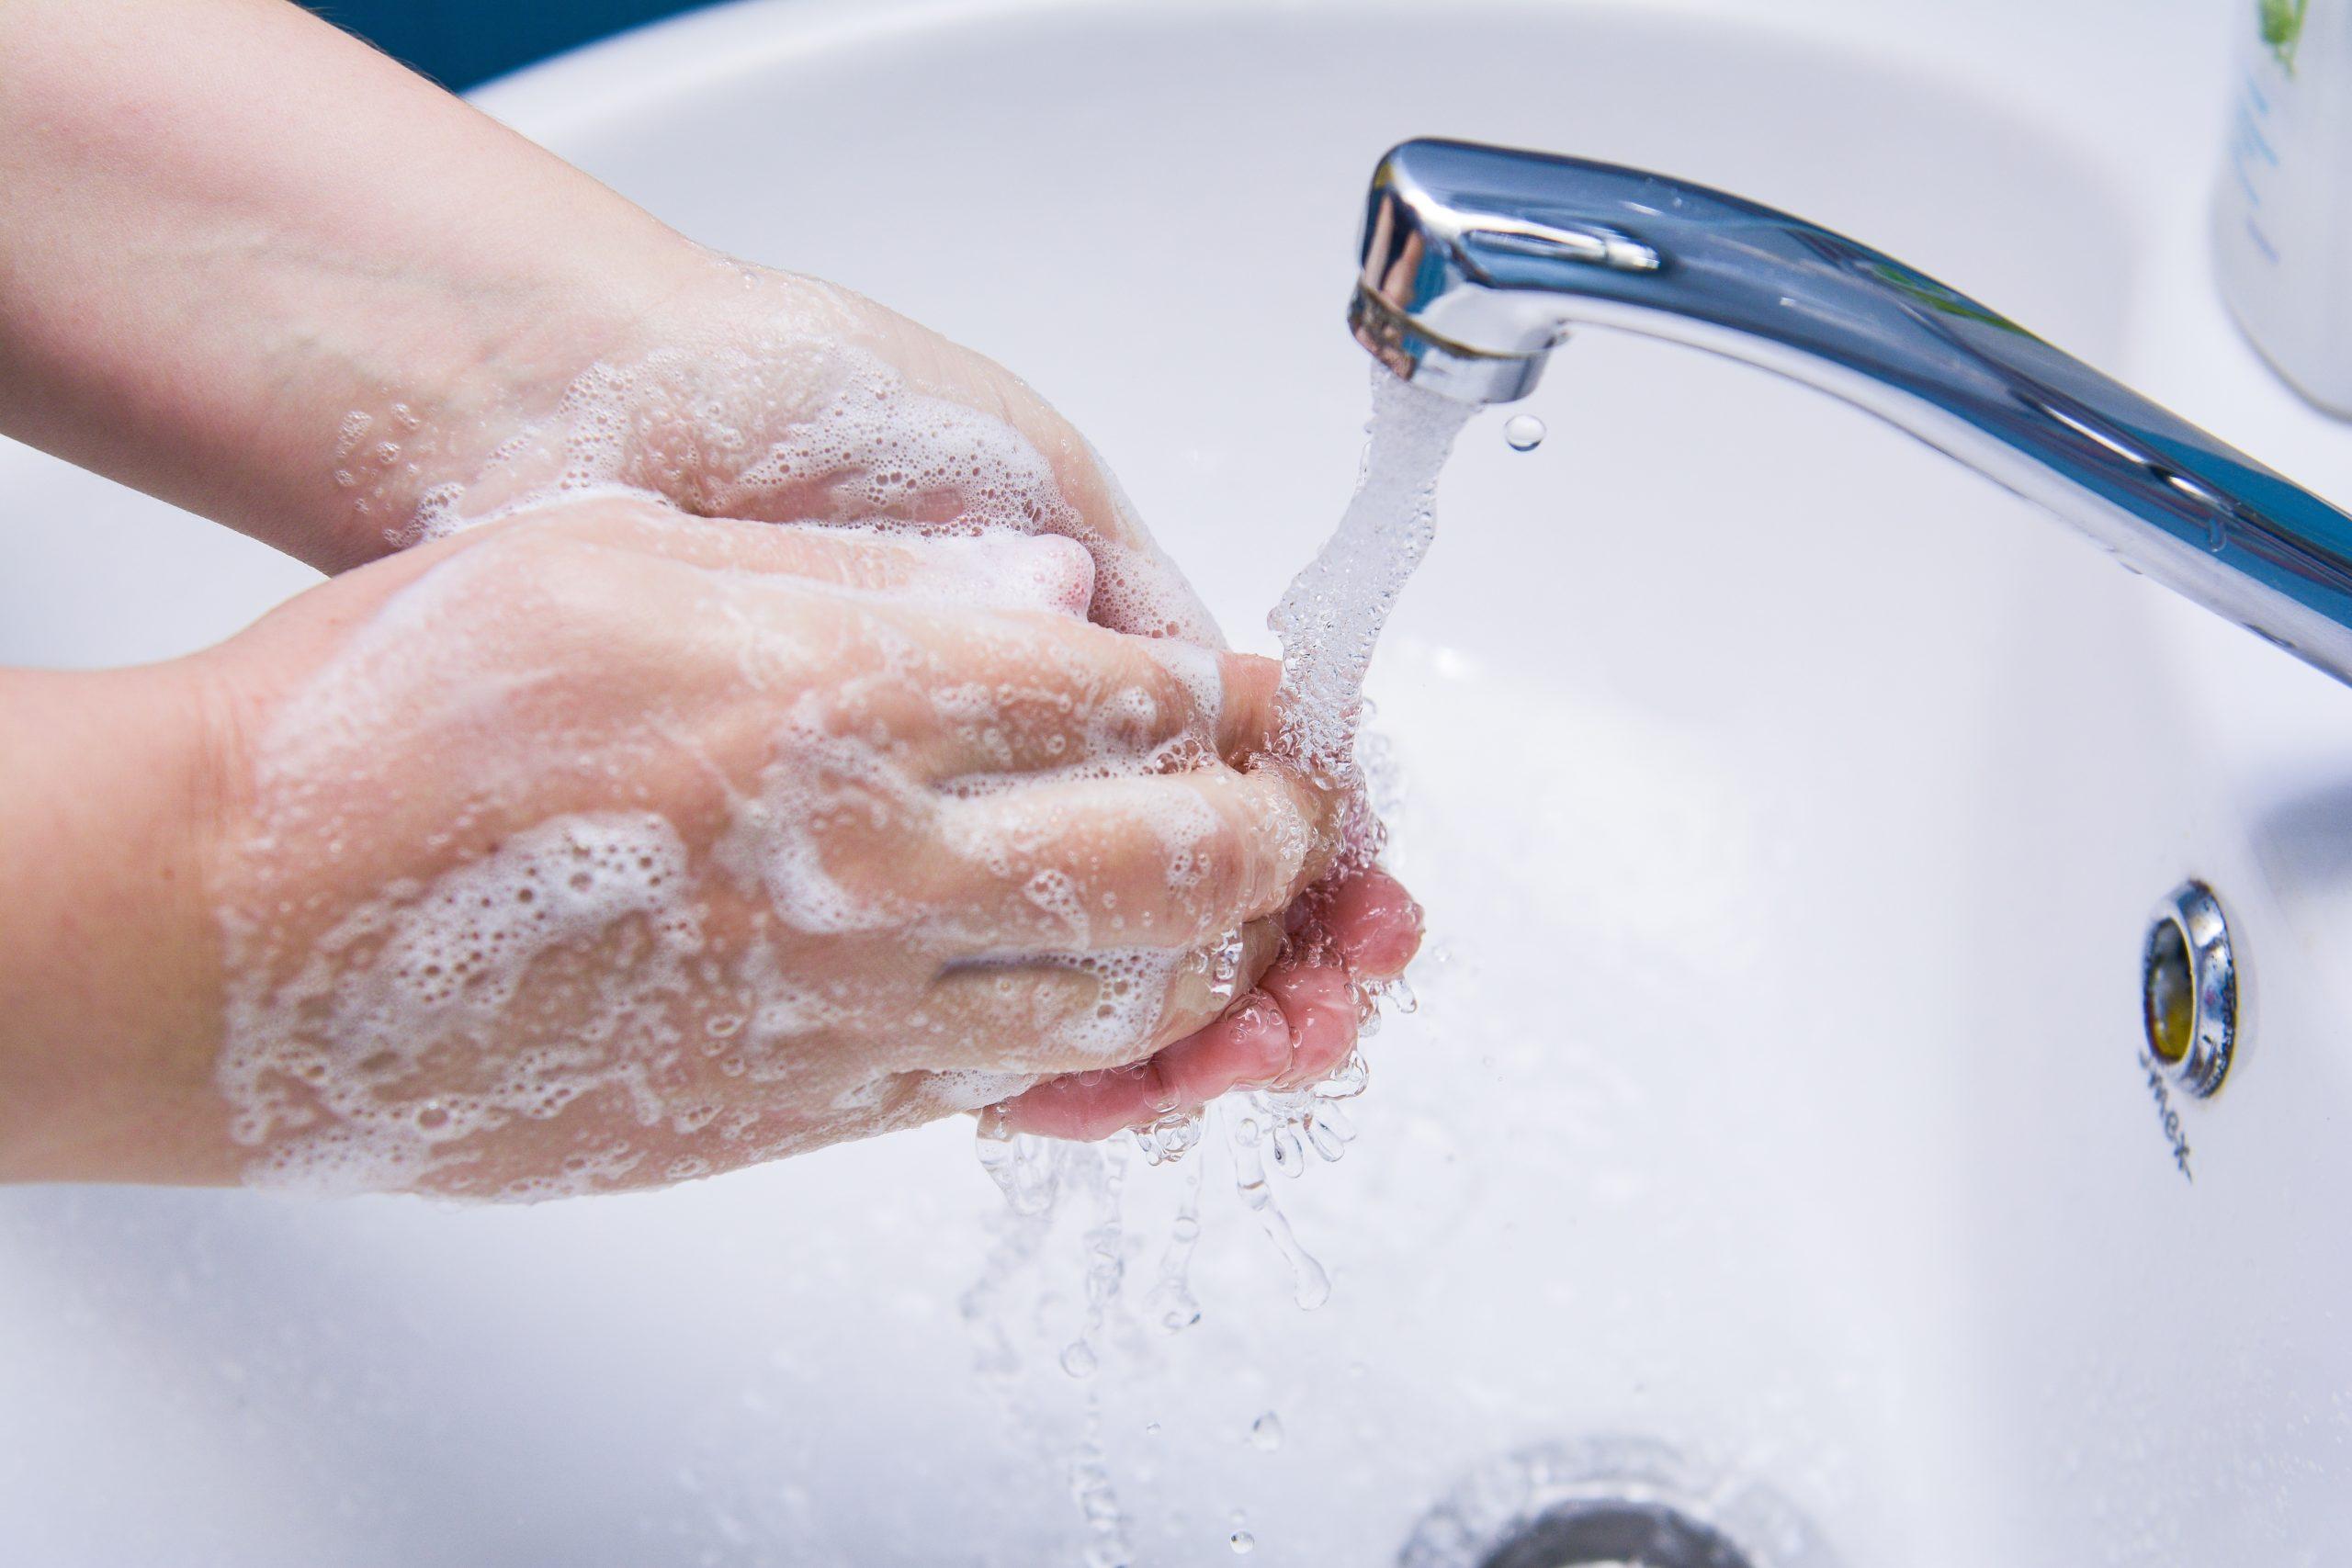 вода с мылом антисептик